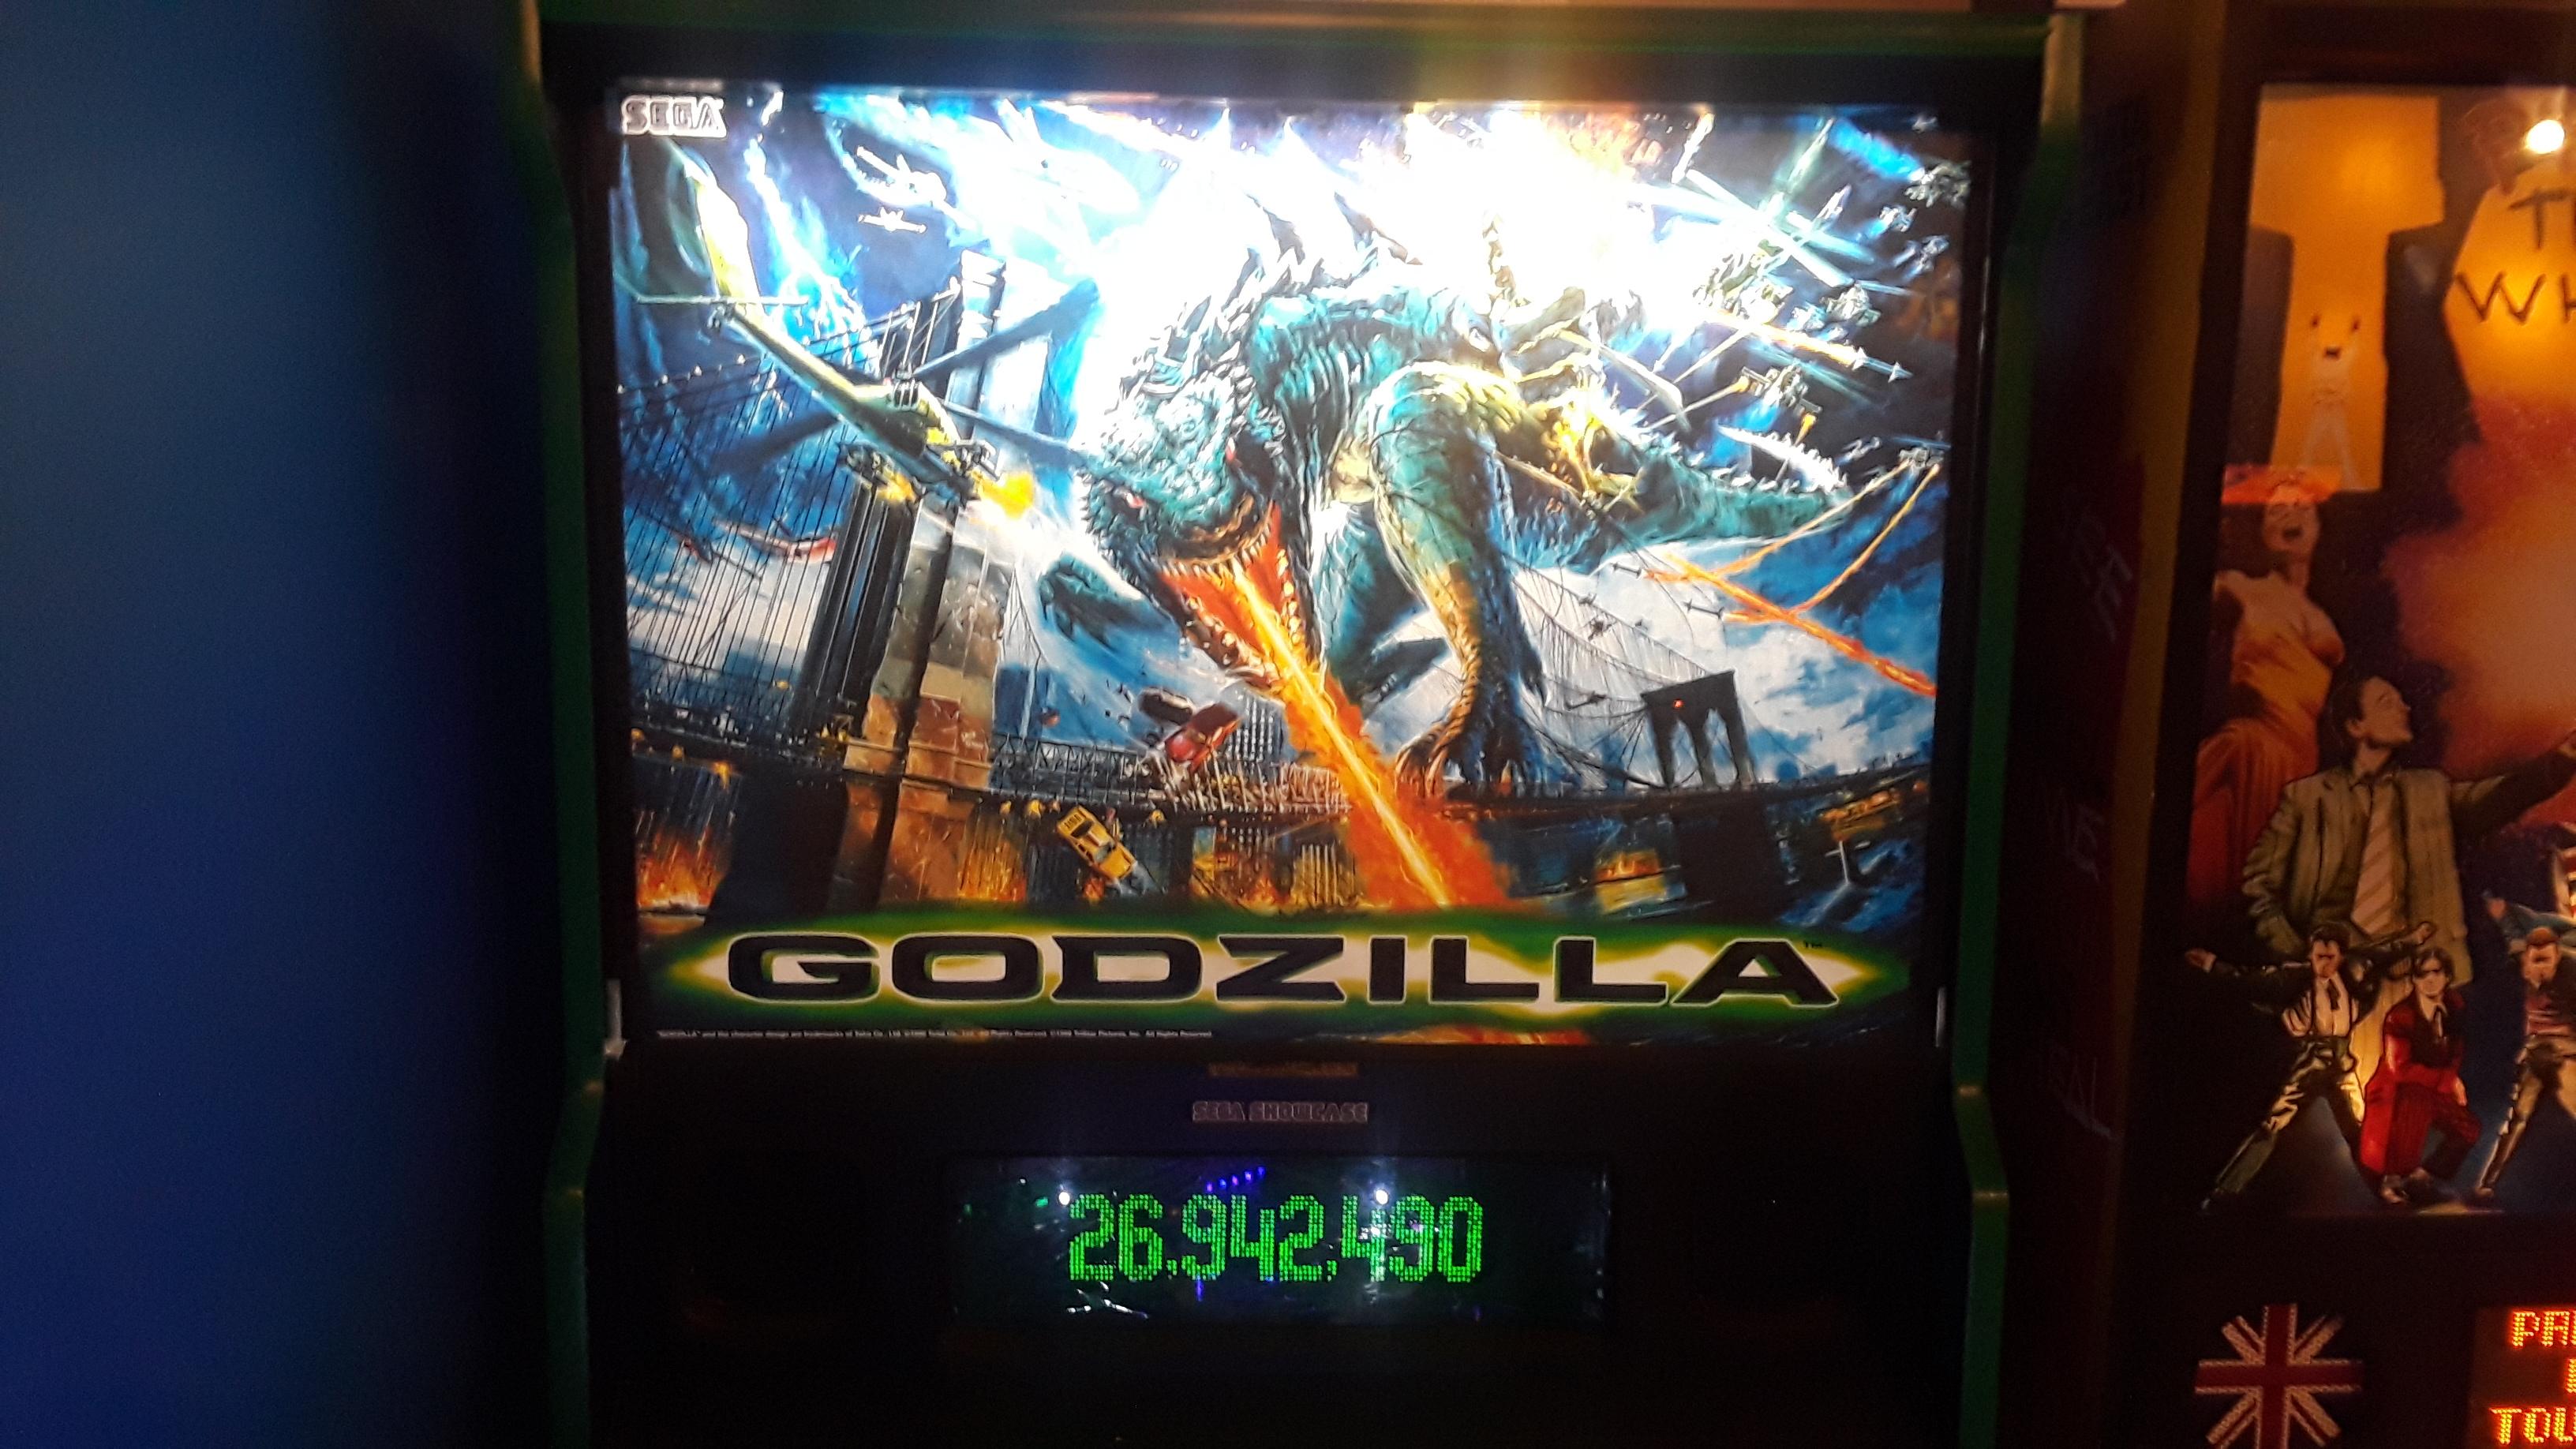 JML101582: Godzilla (Pinball: 3 Balls) 26,942,490 points on 2019-11-23 19:44:48